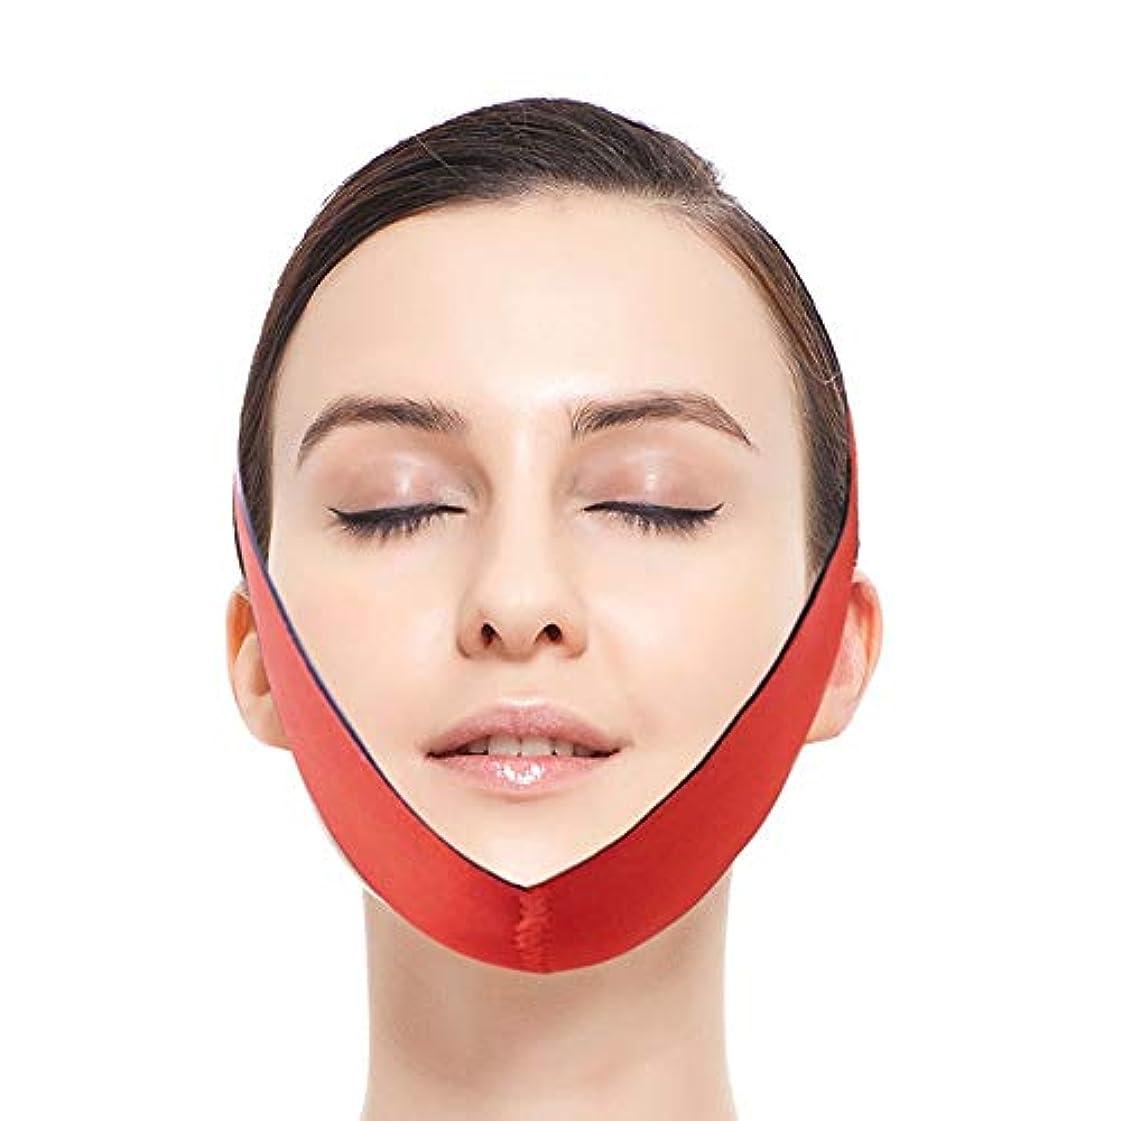 スケッチ相関する資格フェイスリフティングアーティファクトVフェイス包帯マスクダブルあご引き締め顔薄い咬傷筋肉下顎矯正顔